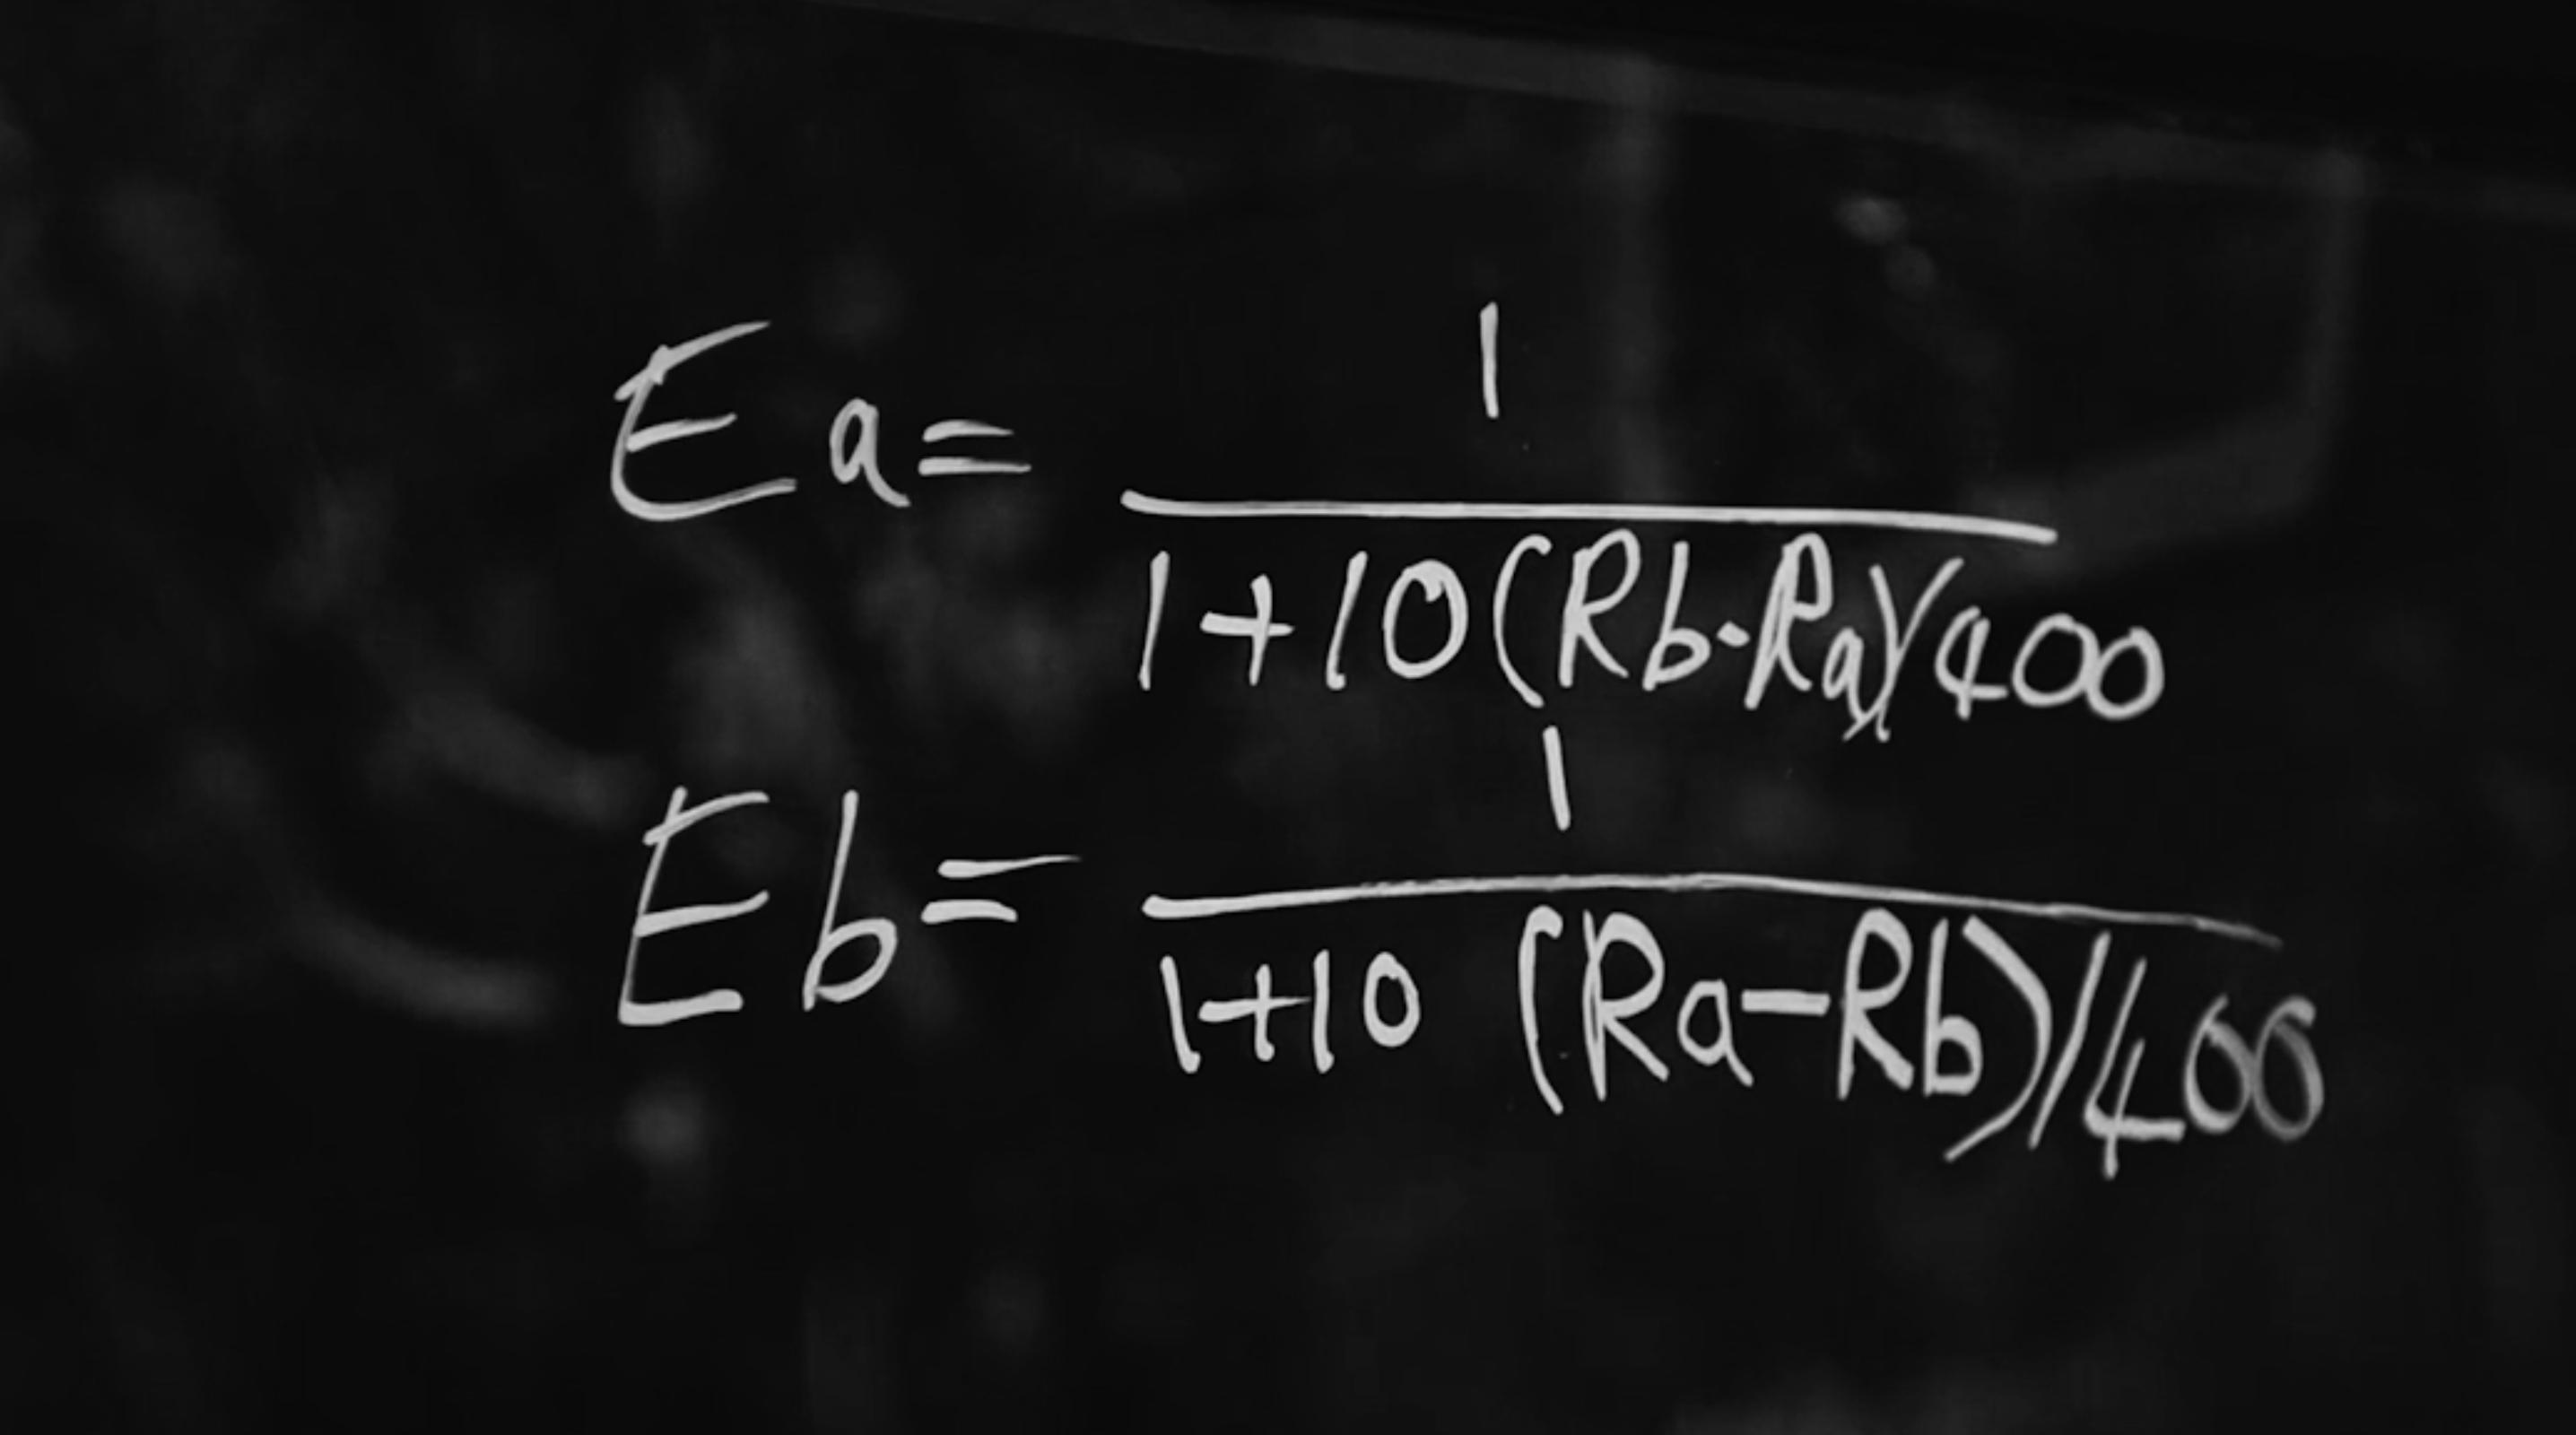 Formule Classement Elo